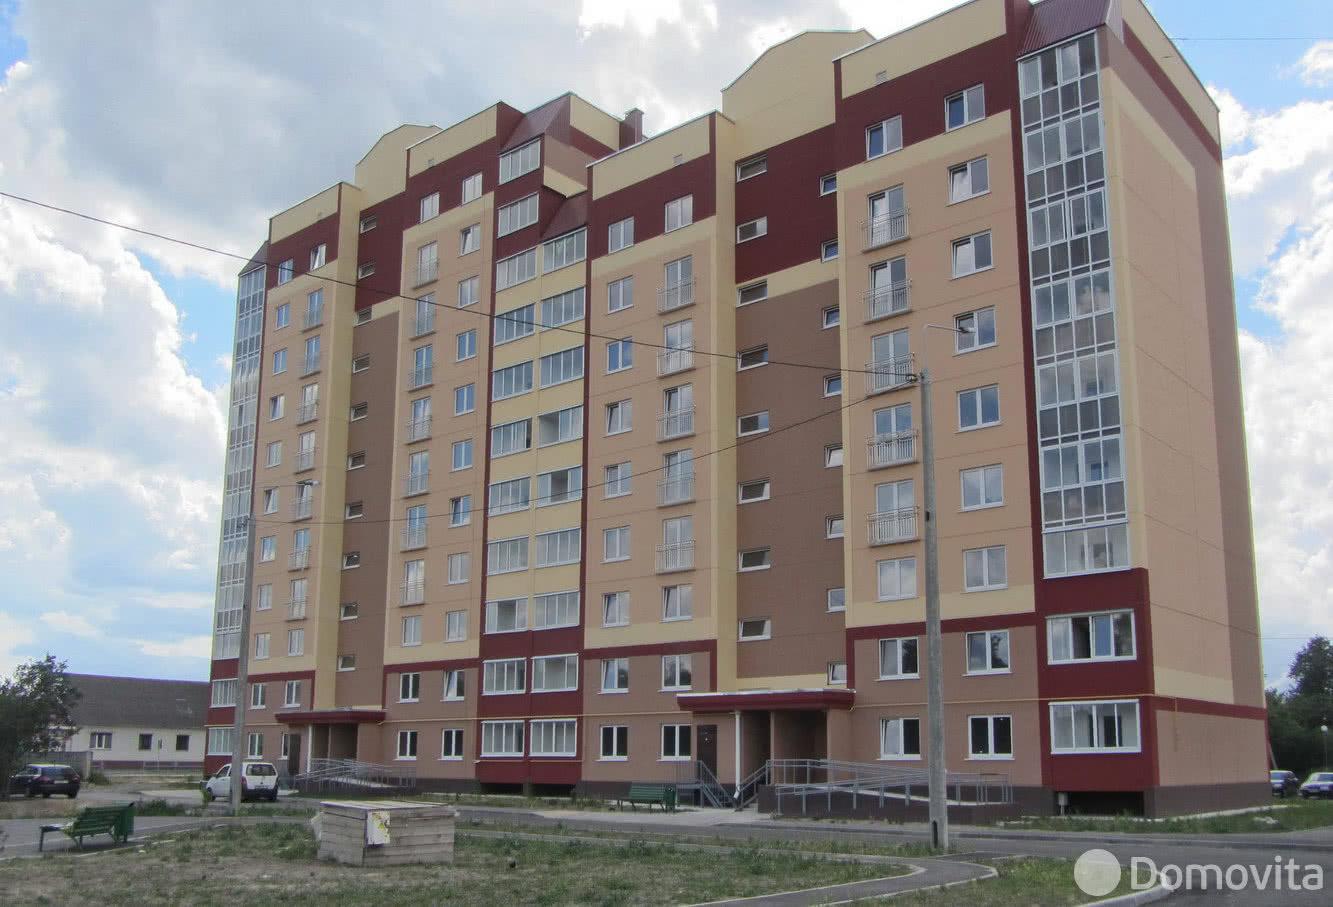 Два жилых КПД в районе улиц Красная-Докутович - фото 1